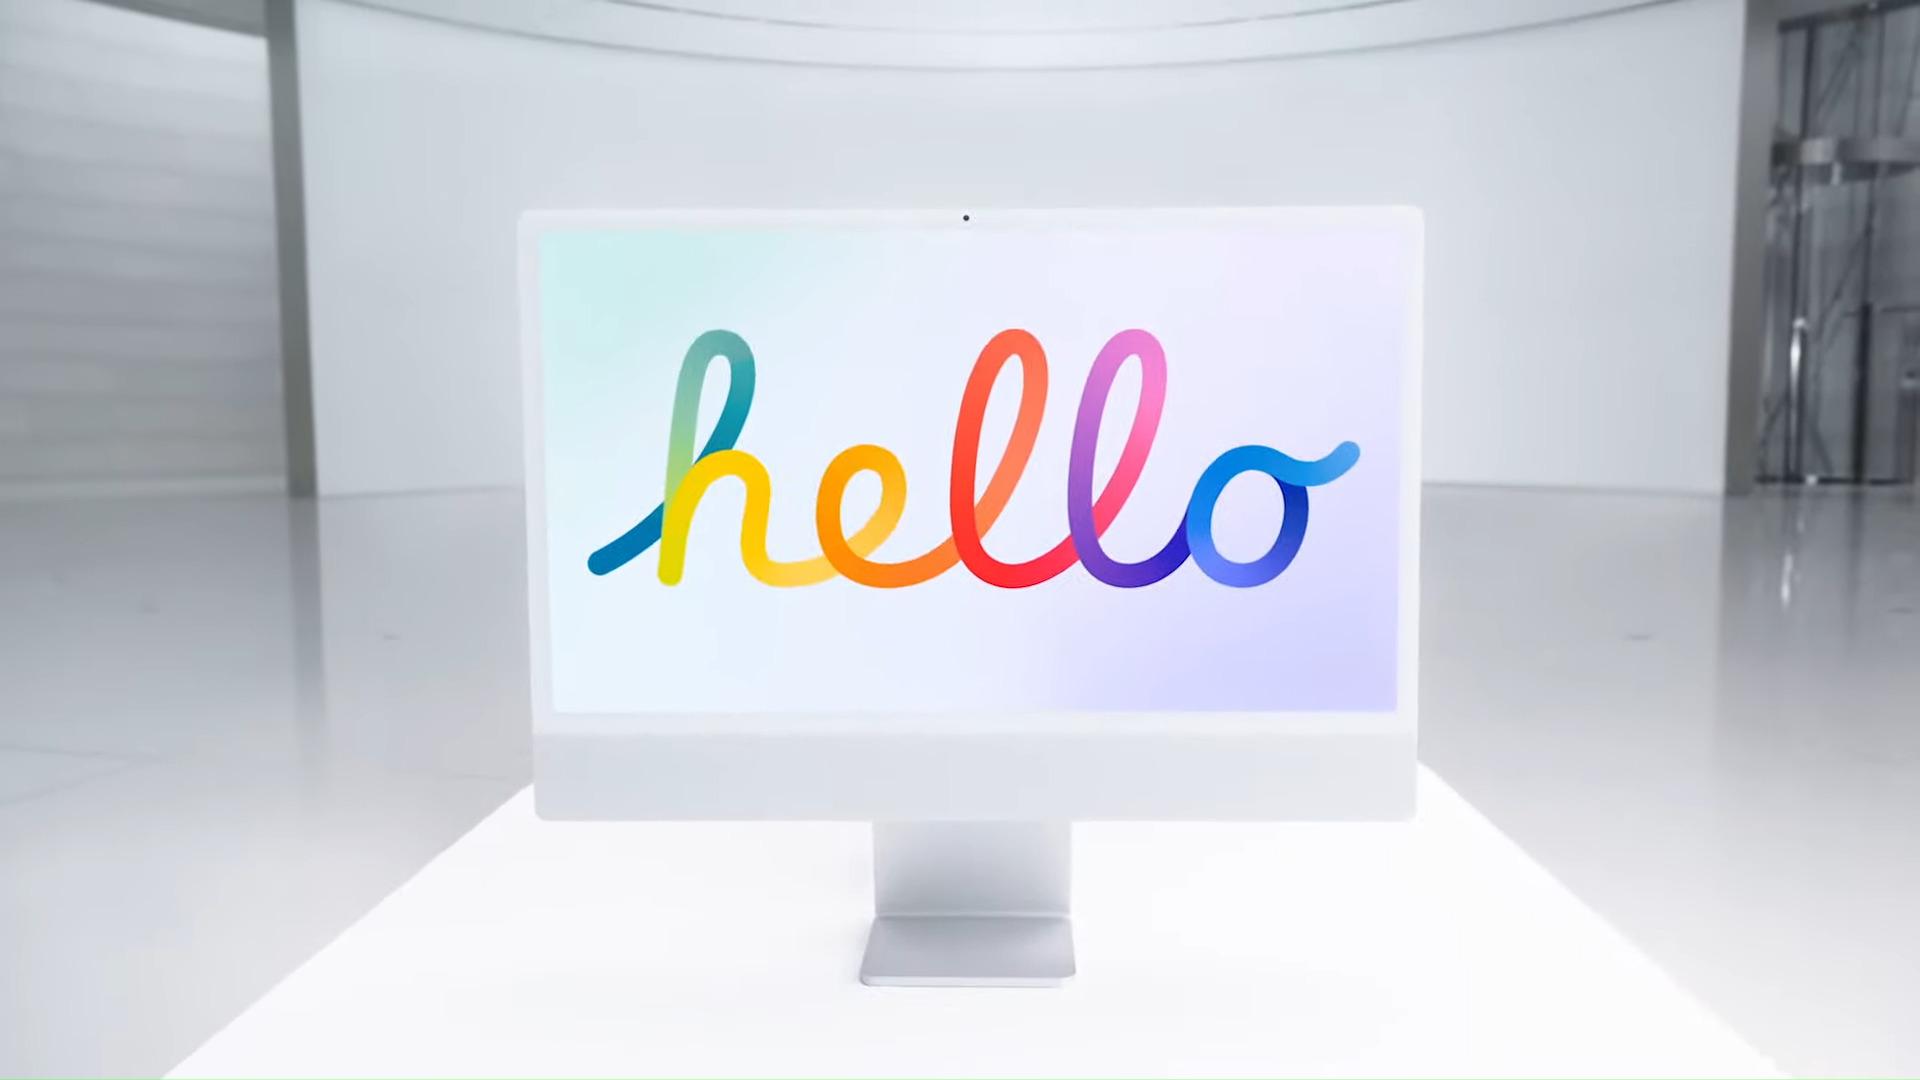 Keynote Apple : le récap de toutes les annonces (iPad Pro M1, iMac M1…)